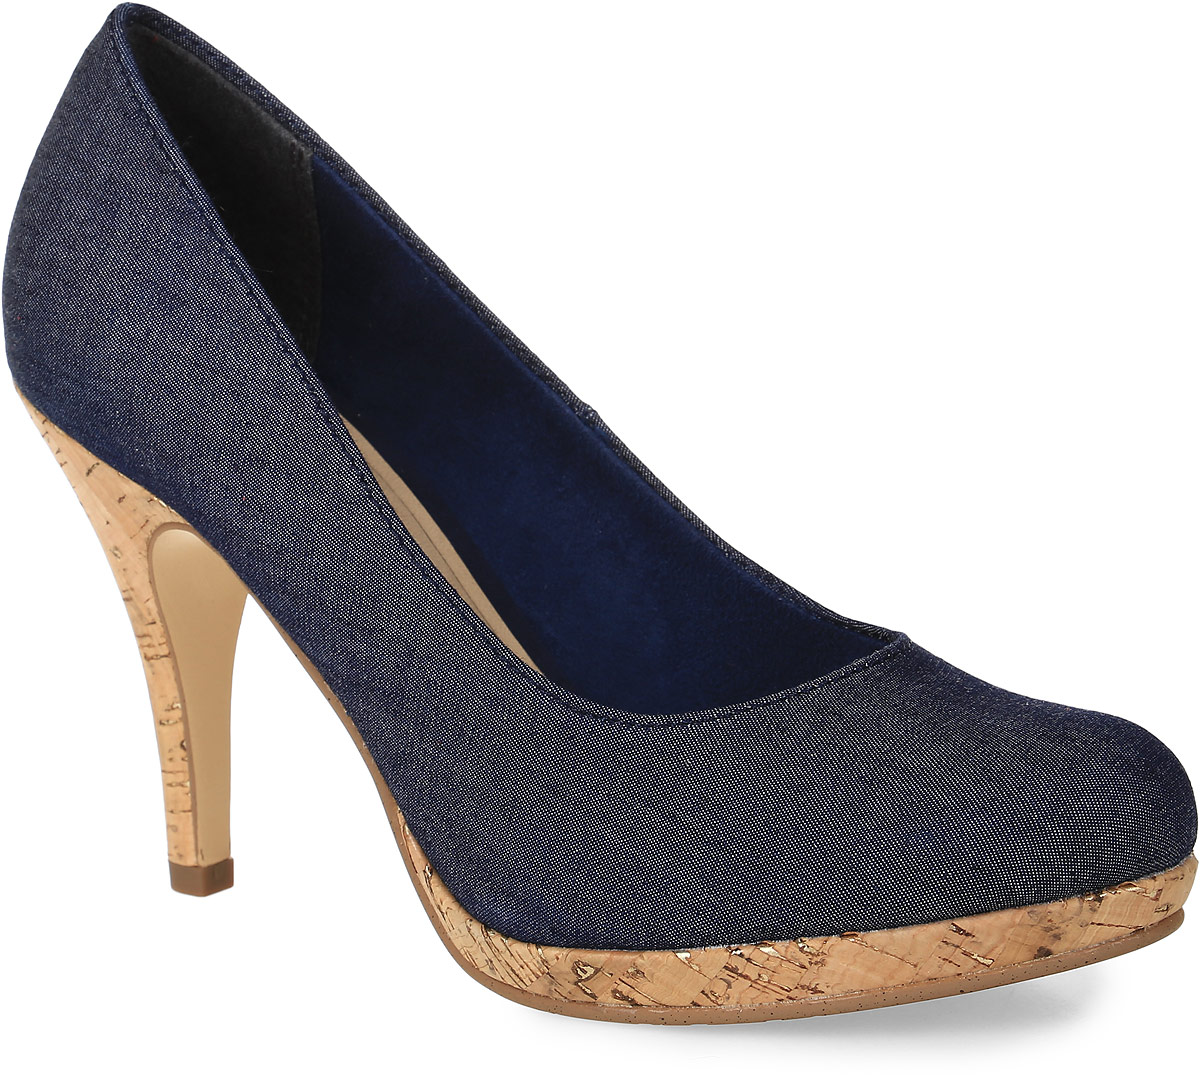 Туфли женские Tamaris, цвет: темно-синий. 1-1-22407-28-807. Размер 381-1-22407-28-807Стильные женские туфли от Tamaris заинтересуют вас своим дизайном! Модель выполнена из текстиля. Подкладка из текстиля и мягкая стелька из искусственной кожи обеспечивают комфорт при движении. Высокий каблук, стилизованный под дерево, компенсирован небольшой платформой. Подошва и каблук дополнены рифлением.